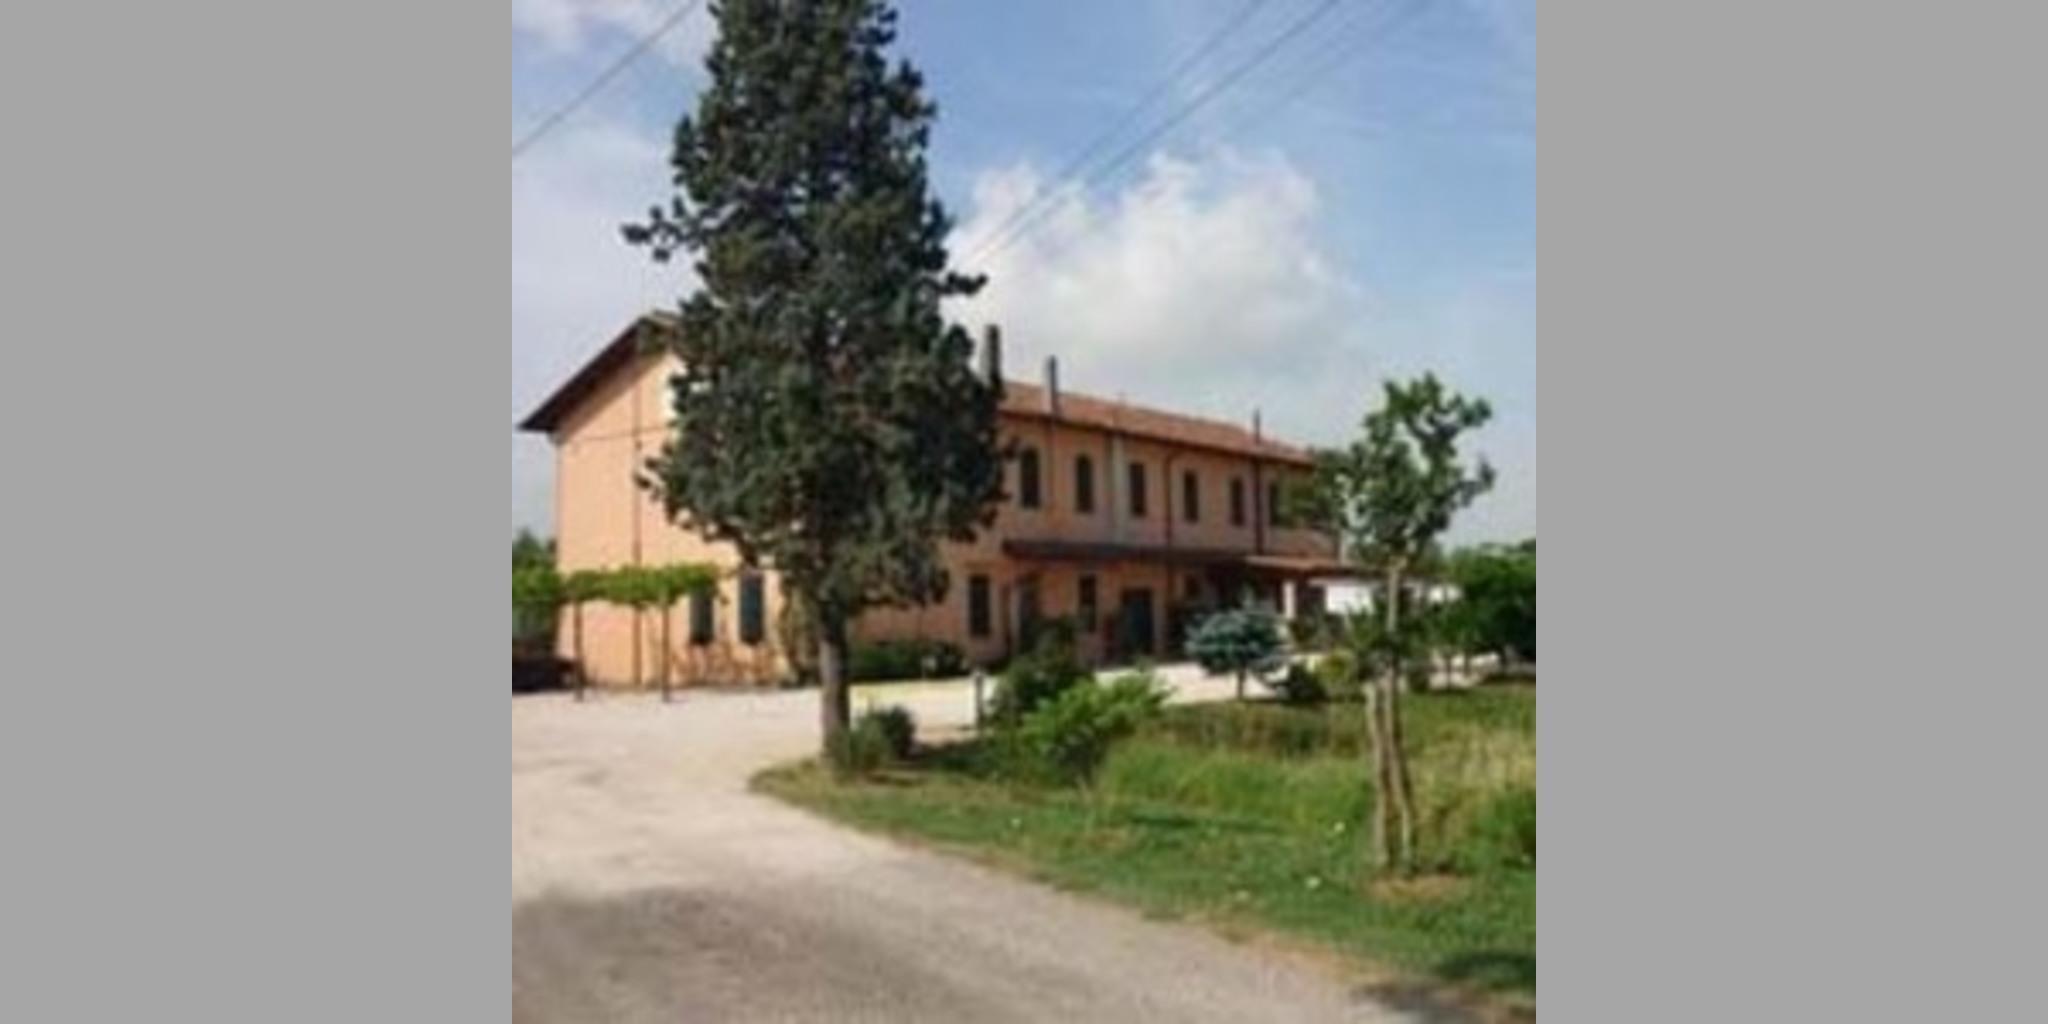 Guest House Venezia - Litomarino